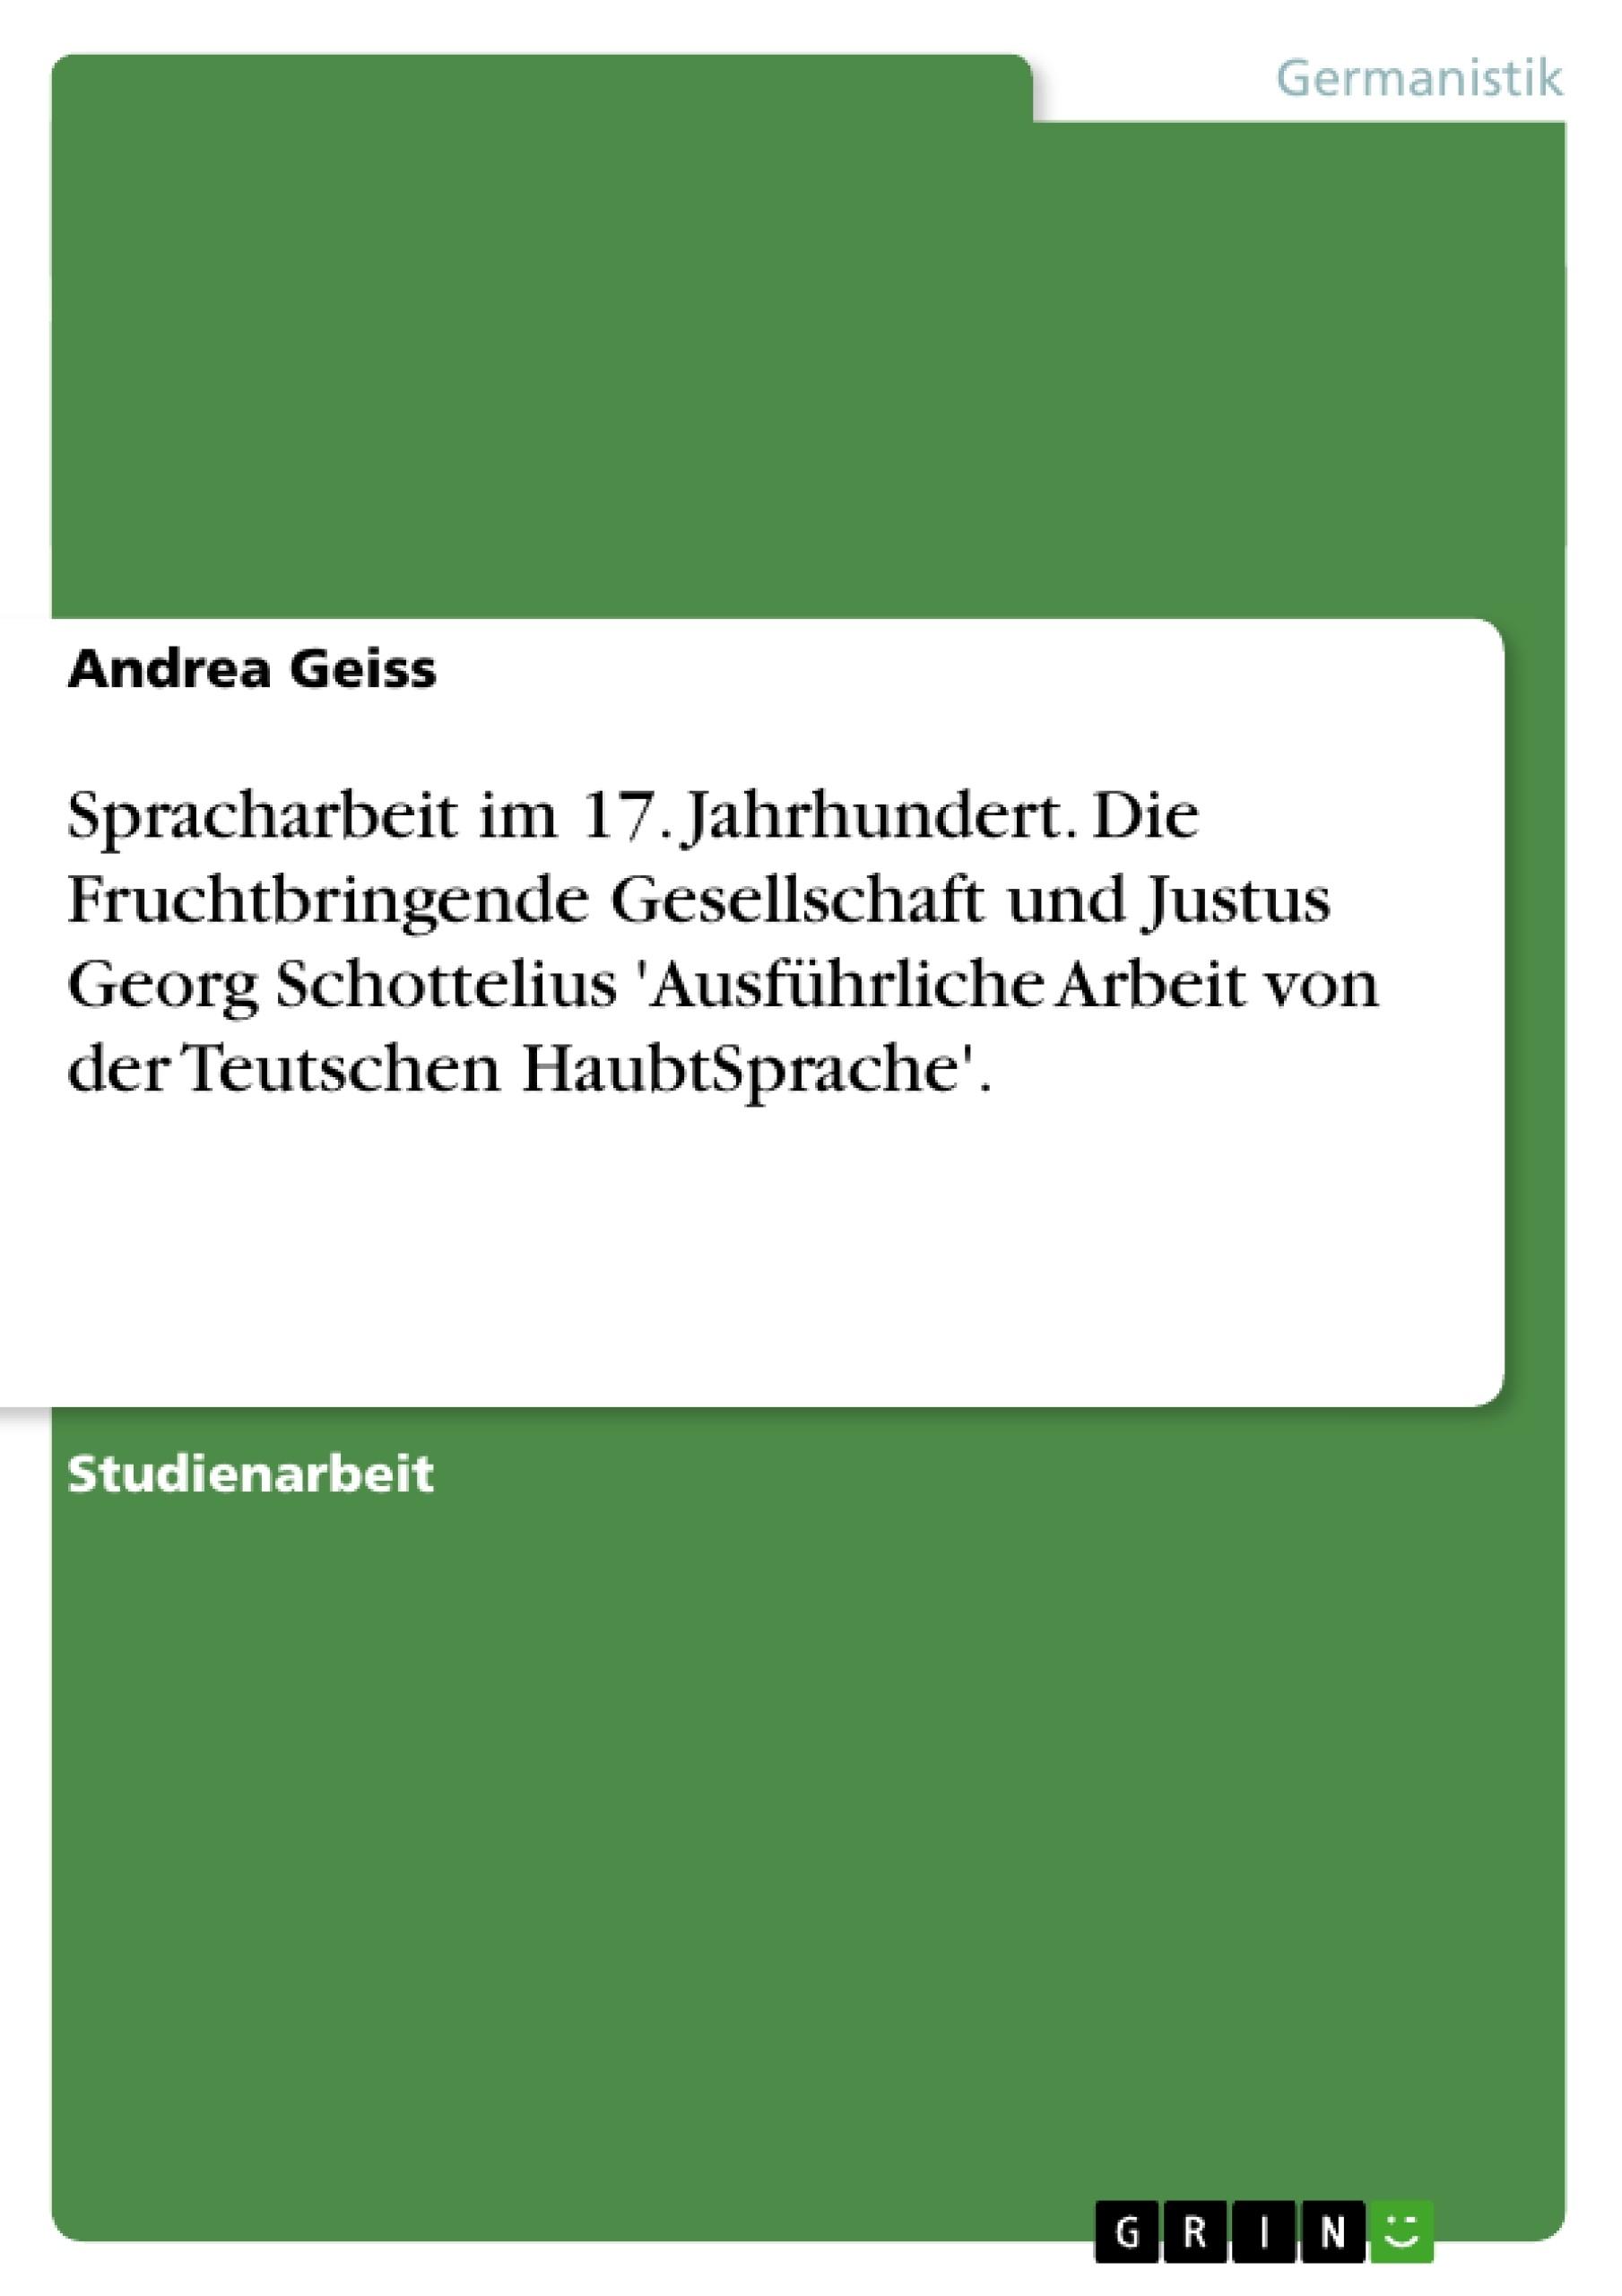 Titel: Spracharbeit im 17. Jahrhundert. Die Fruchtbringende Gesellschaft und Justus Georg Schottelius 'Ausführliche Arbeit von der Teutschen HaubtSprache'.